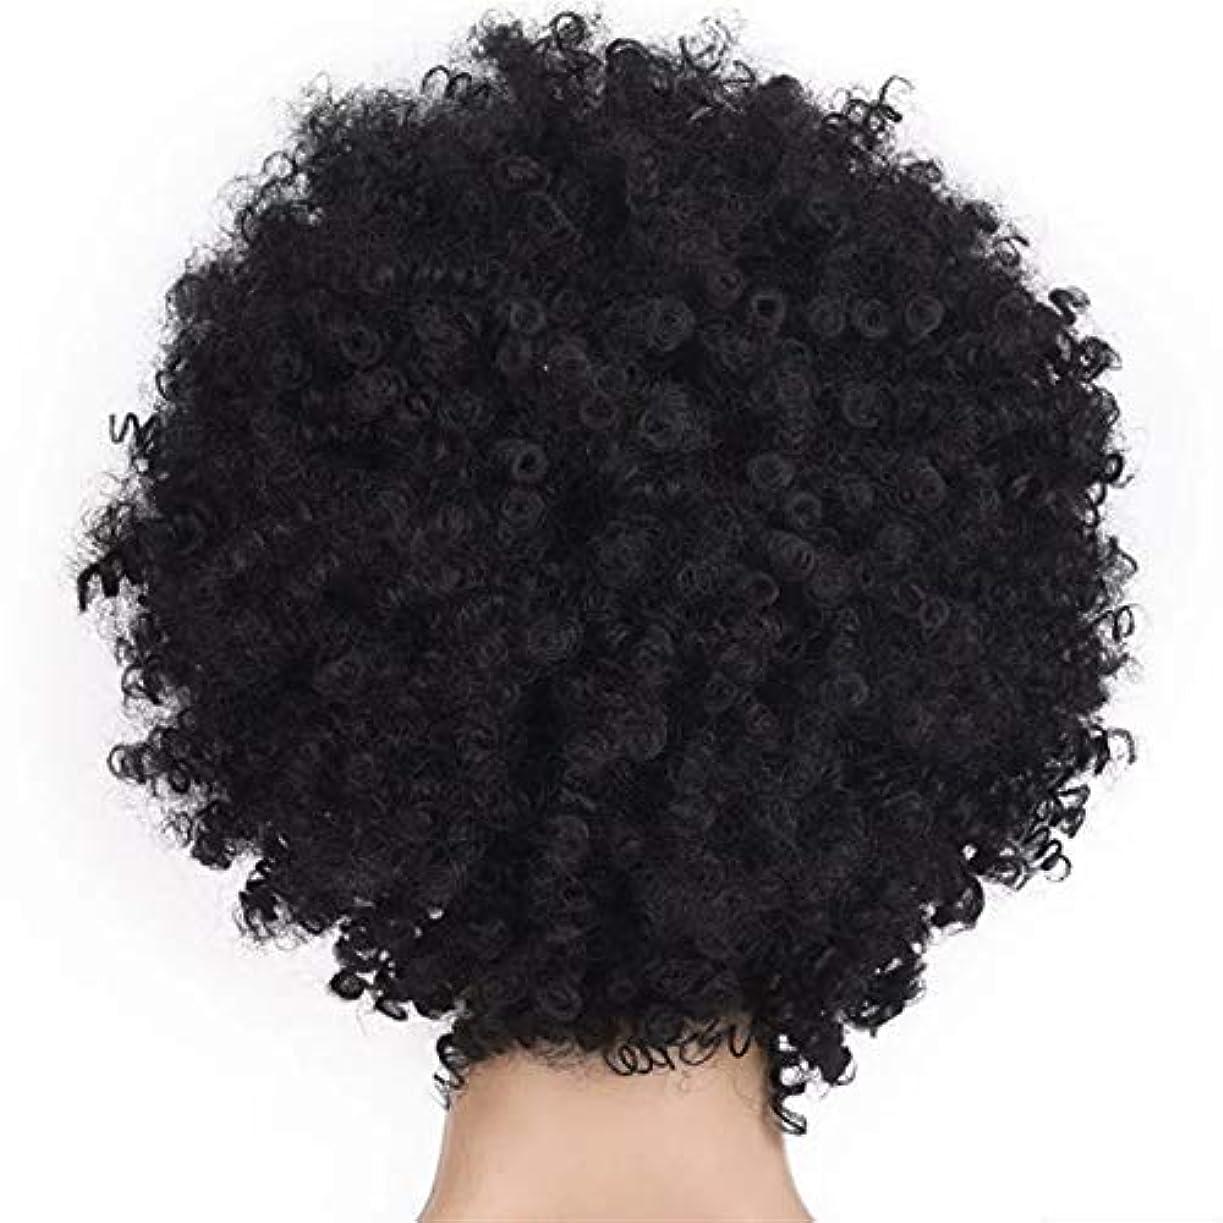 絶望確実パキスタン人SRY-Wigファッション ファッション短い髪の女性のかつらかつらアフリカのかつら爆発的なヘッドかつら女性高温シルク化学繊維かつらヘッドギア (Color : Black)